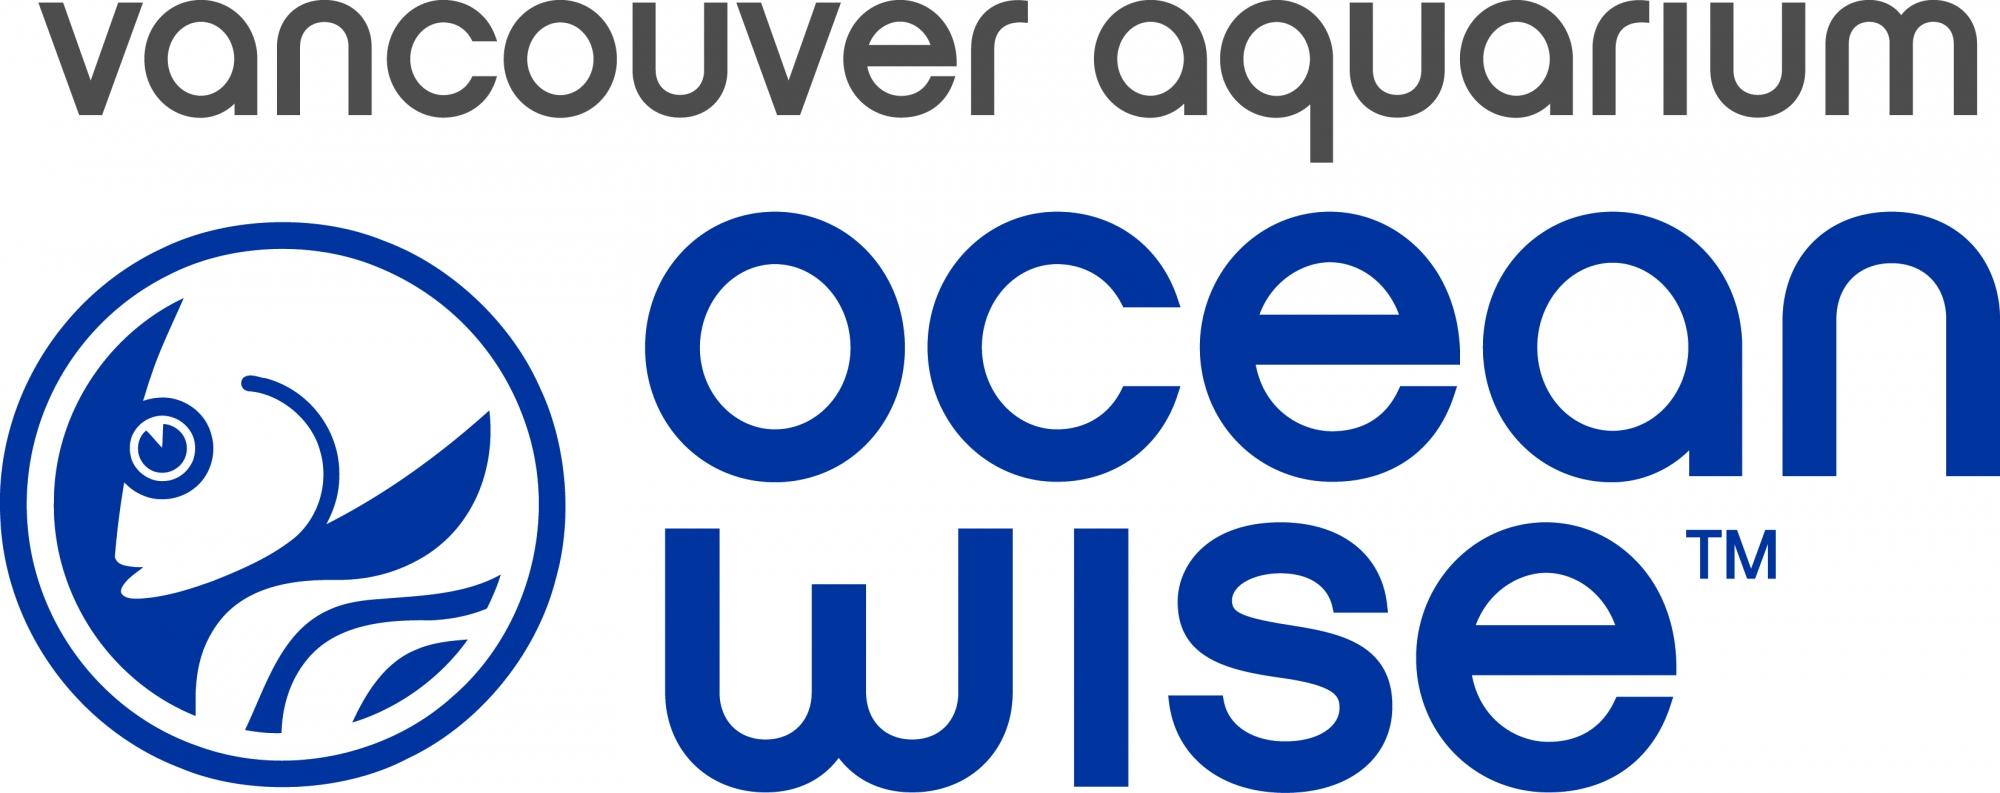 OW_program_logo_blue.jpg